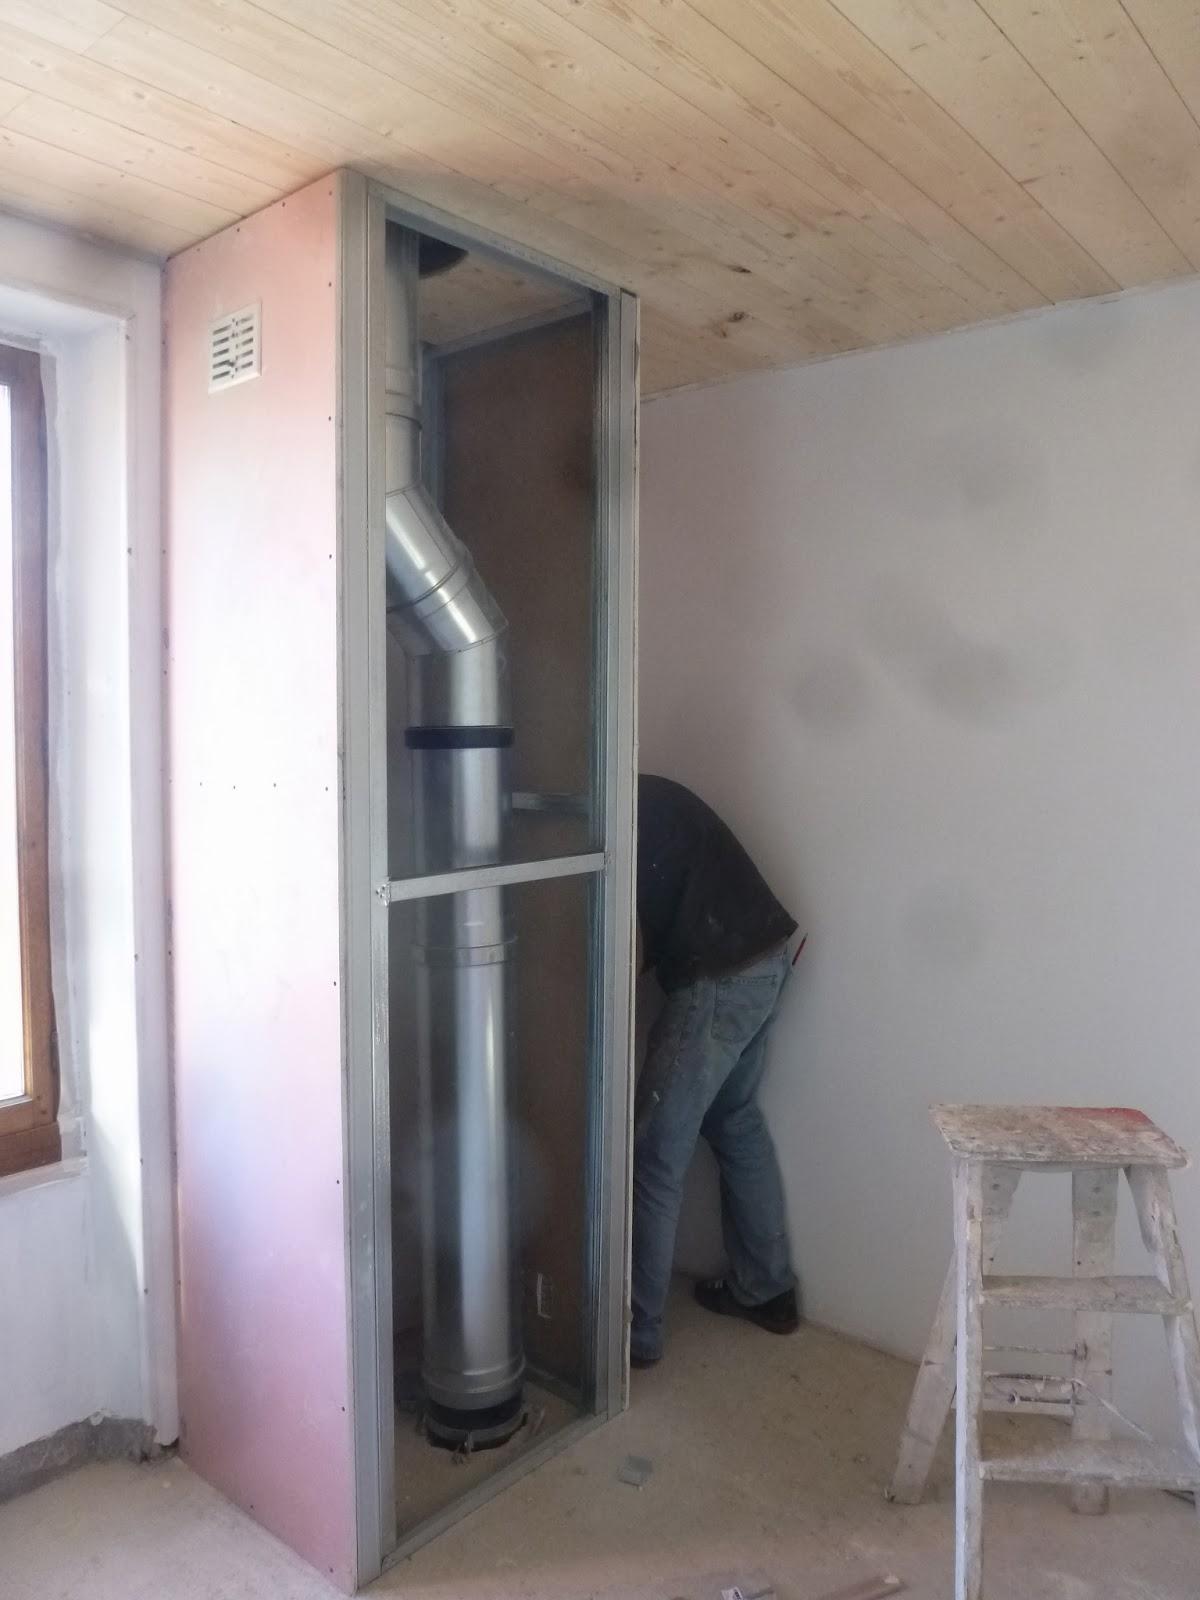 peindre du pvc peindre fenetre pvc peindre du lambris en pvc la peinture qui change tout peut. Black Bedroom Furniture Sets. Home Design Ideas